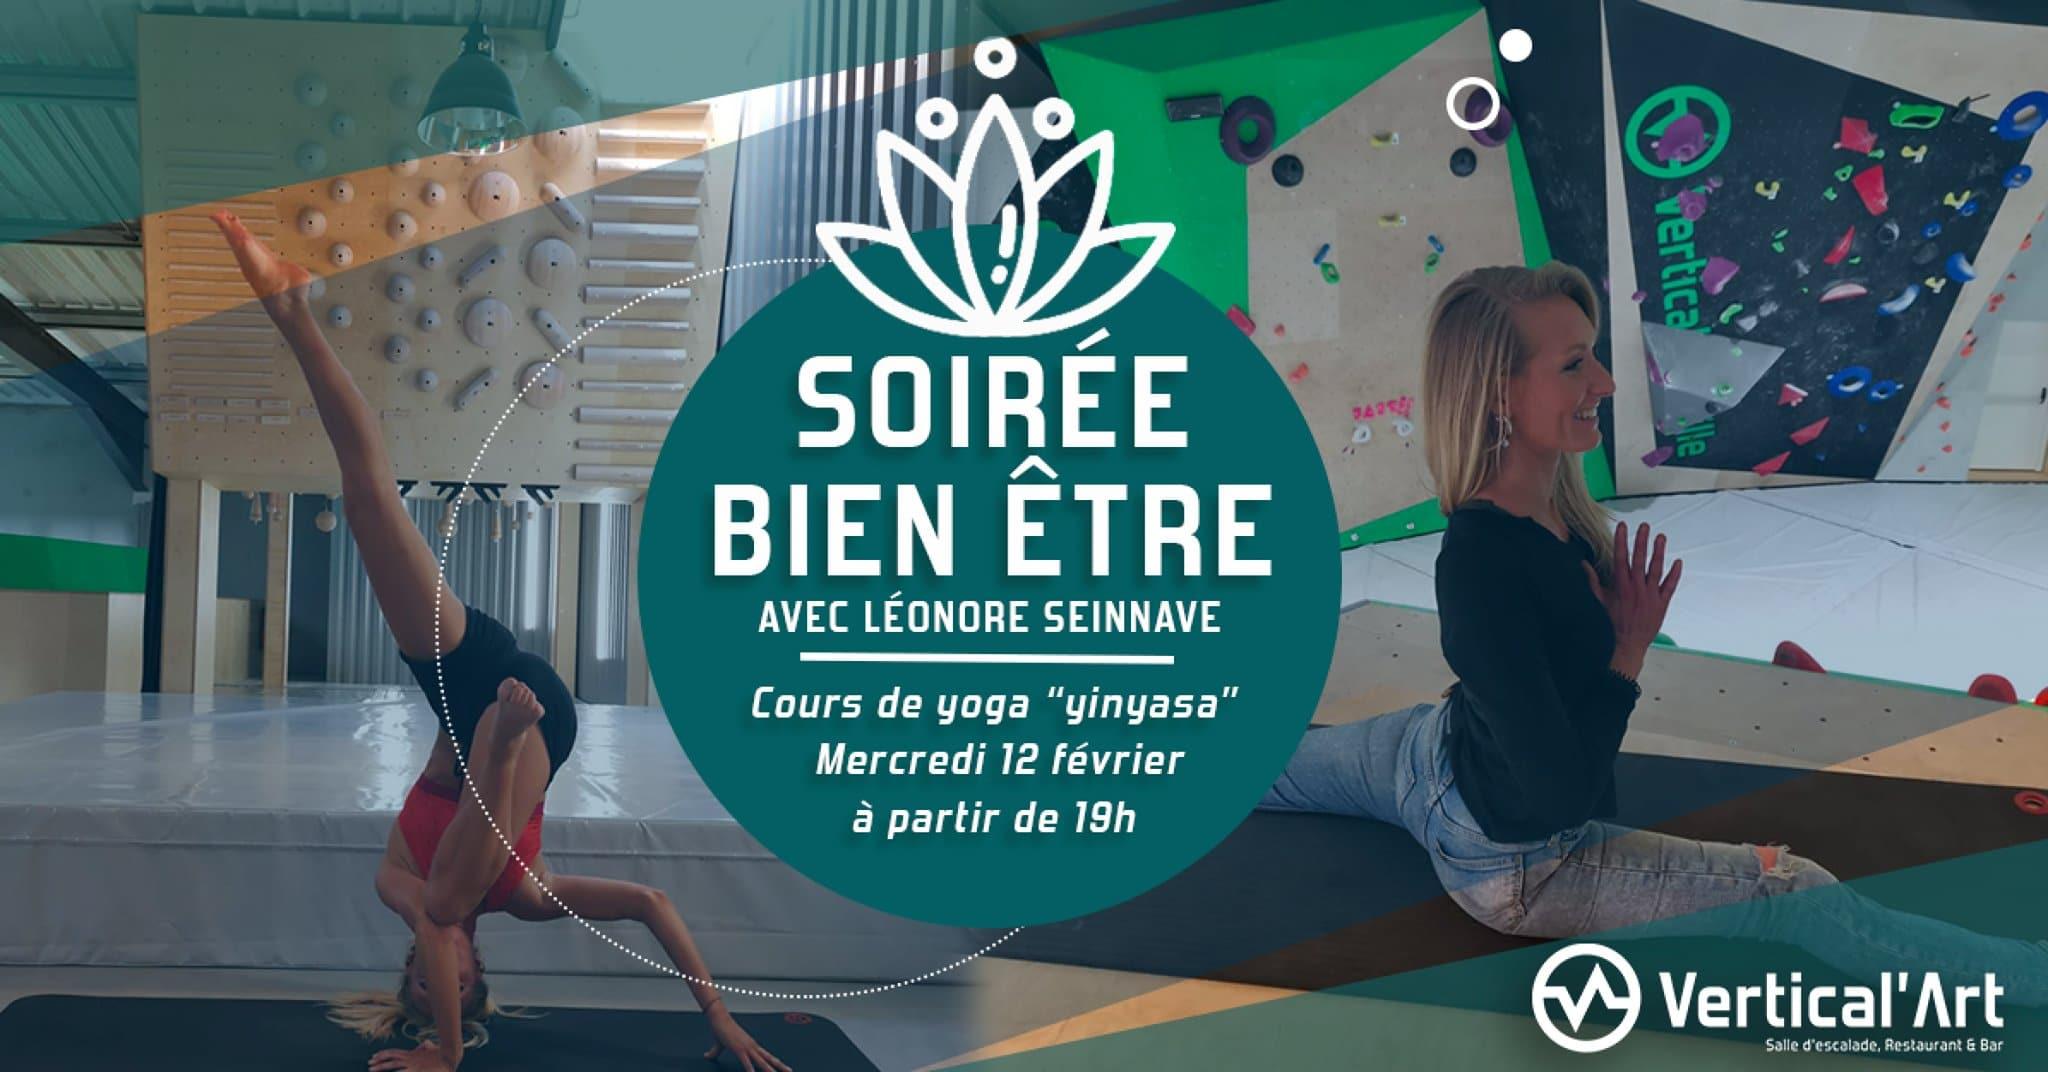 Soire Bien etre Vertical'art Lille -Soirée Yoga - Soirée à Vertical'Art Lille - Soirée bien être à Vertical'Art Haut de France -